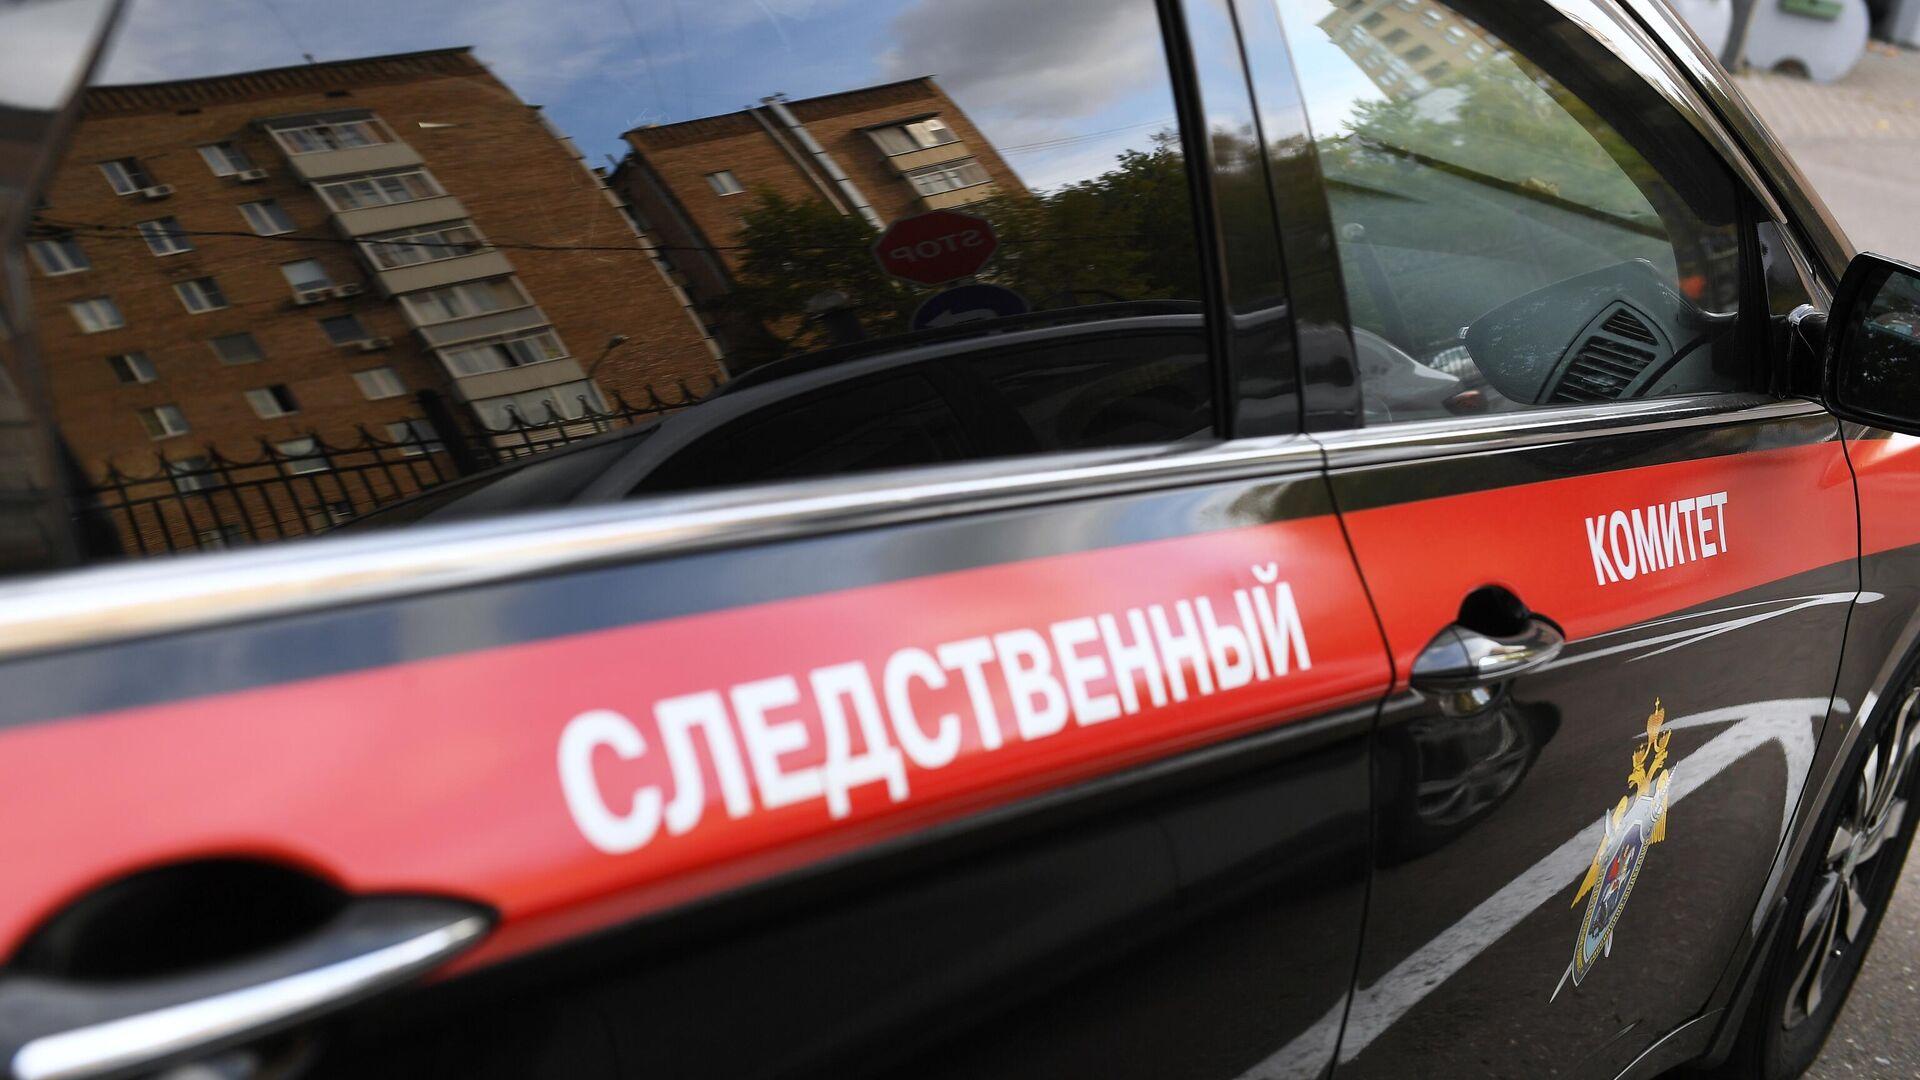 Автомобиль Следственного комитета РФ  - РИА Новости, 1920, 27.11.2020